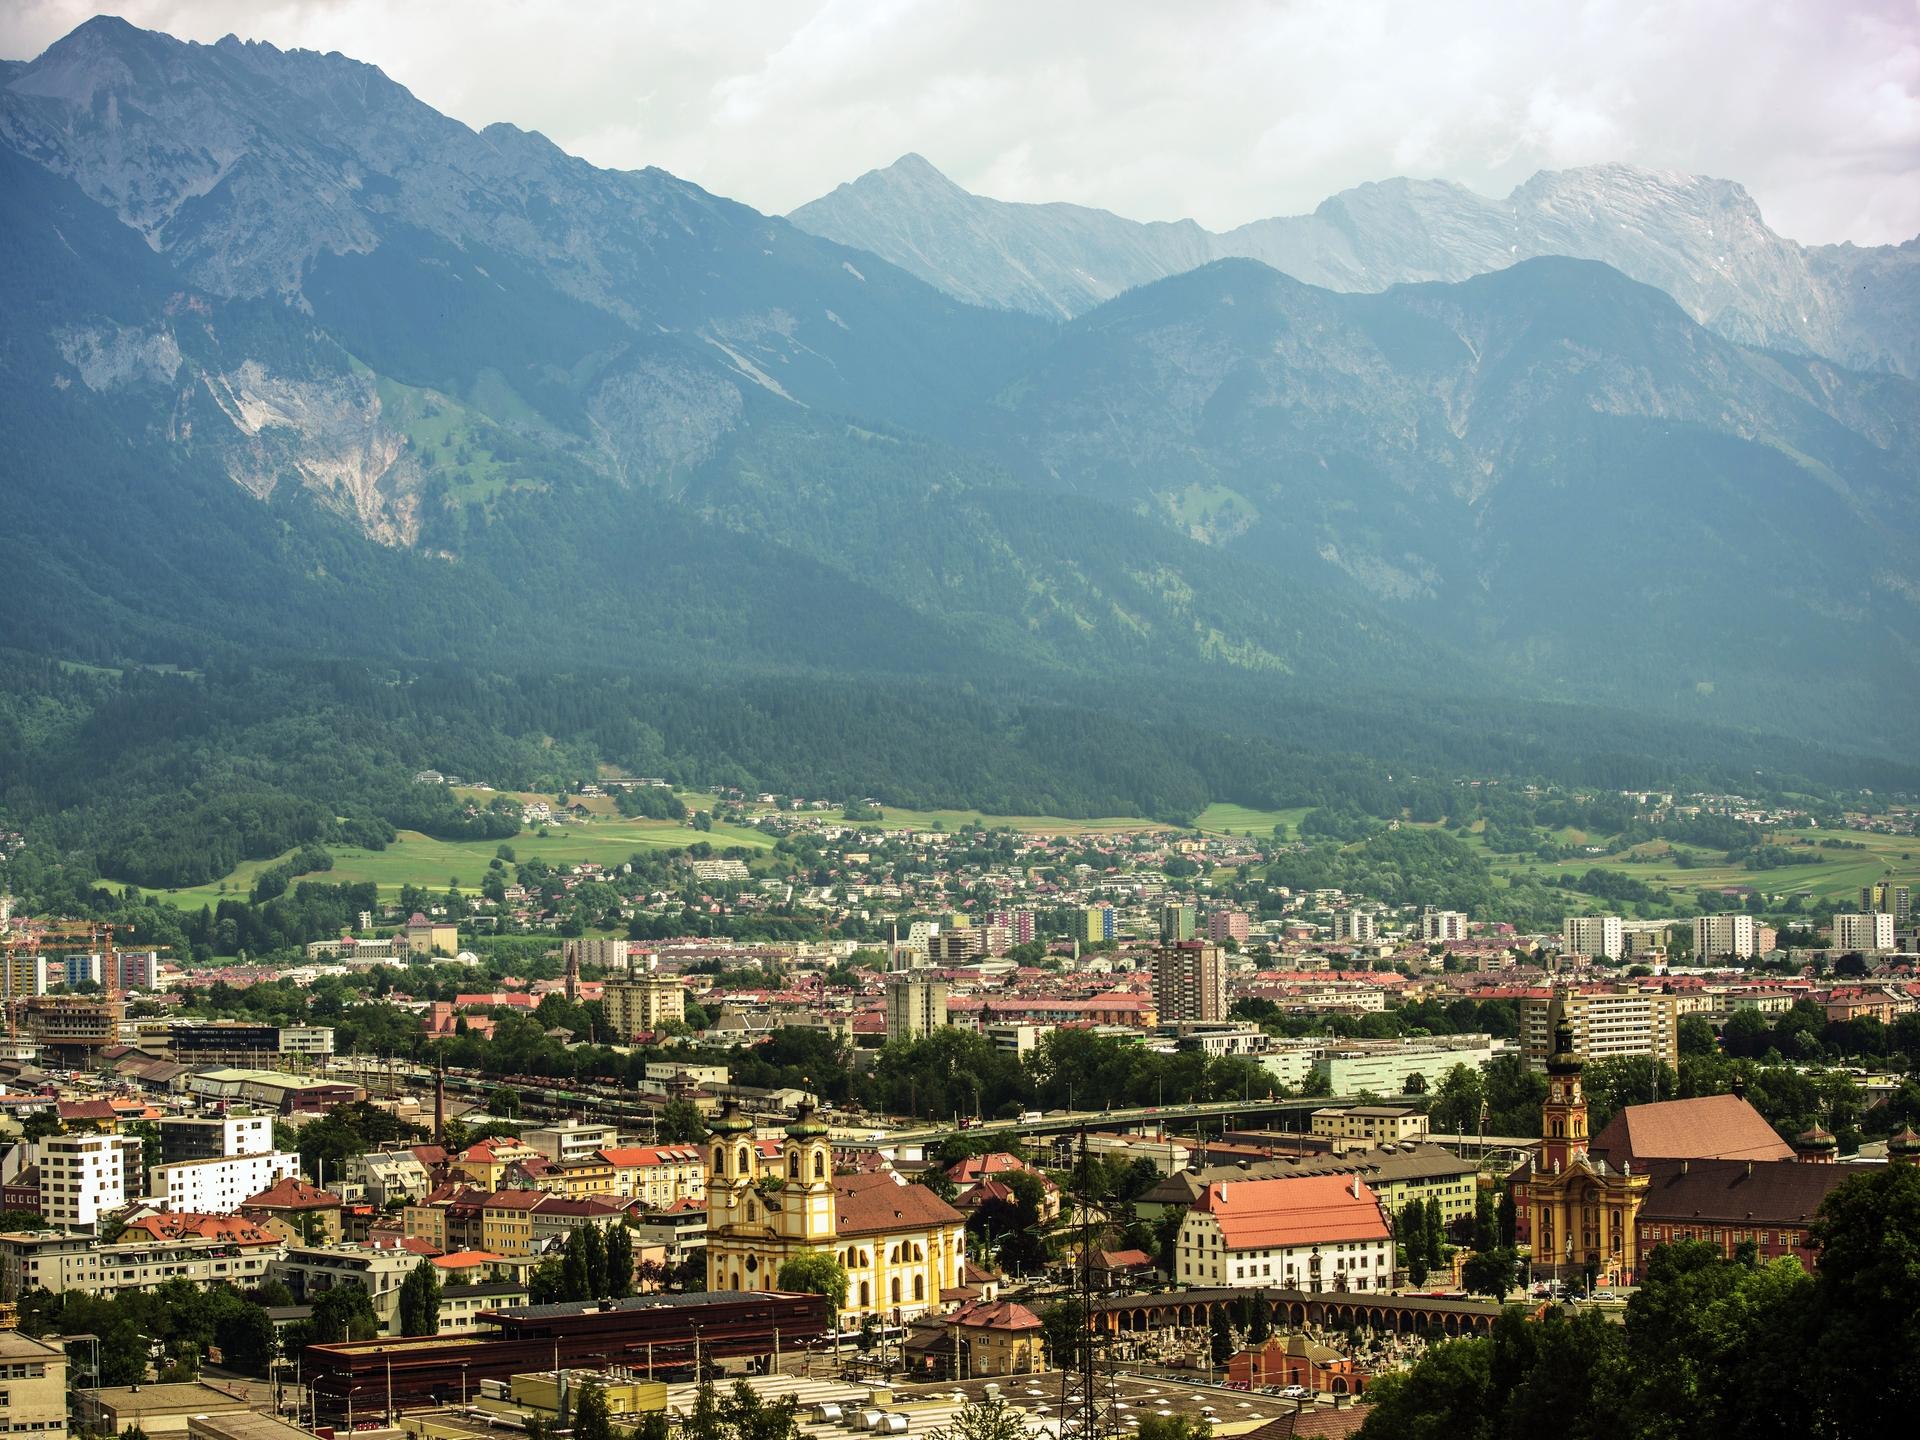 Muziekreis Oostenrijk 28 juli 2019 (Innsbruck)